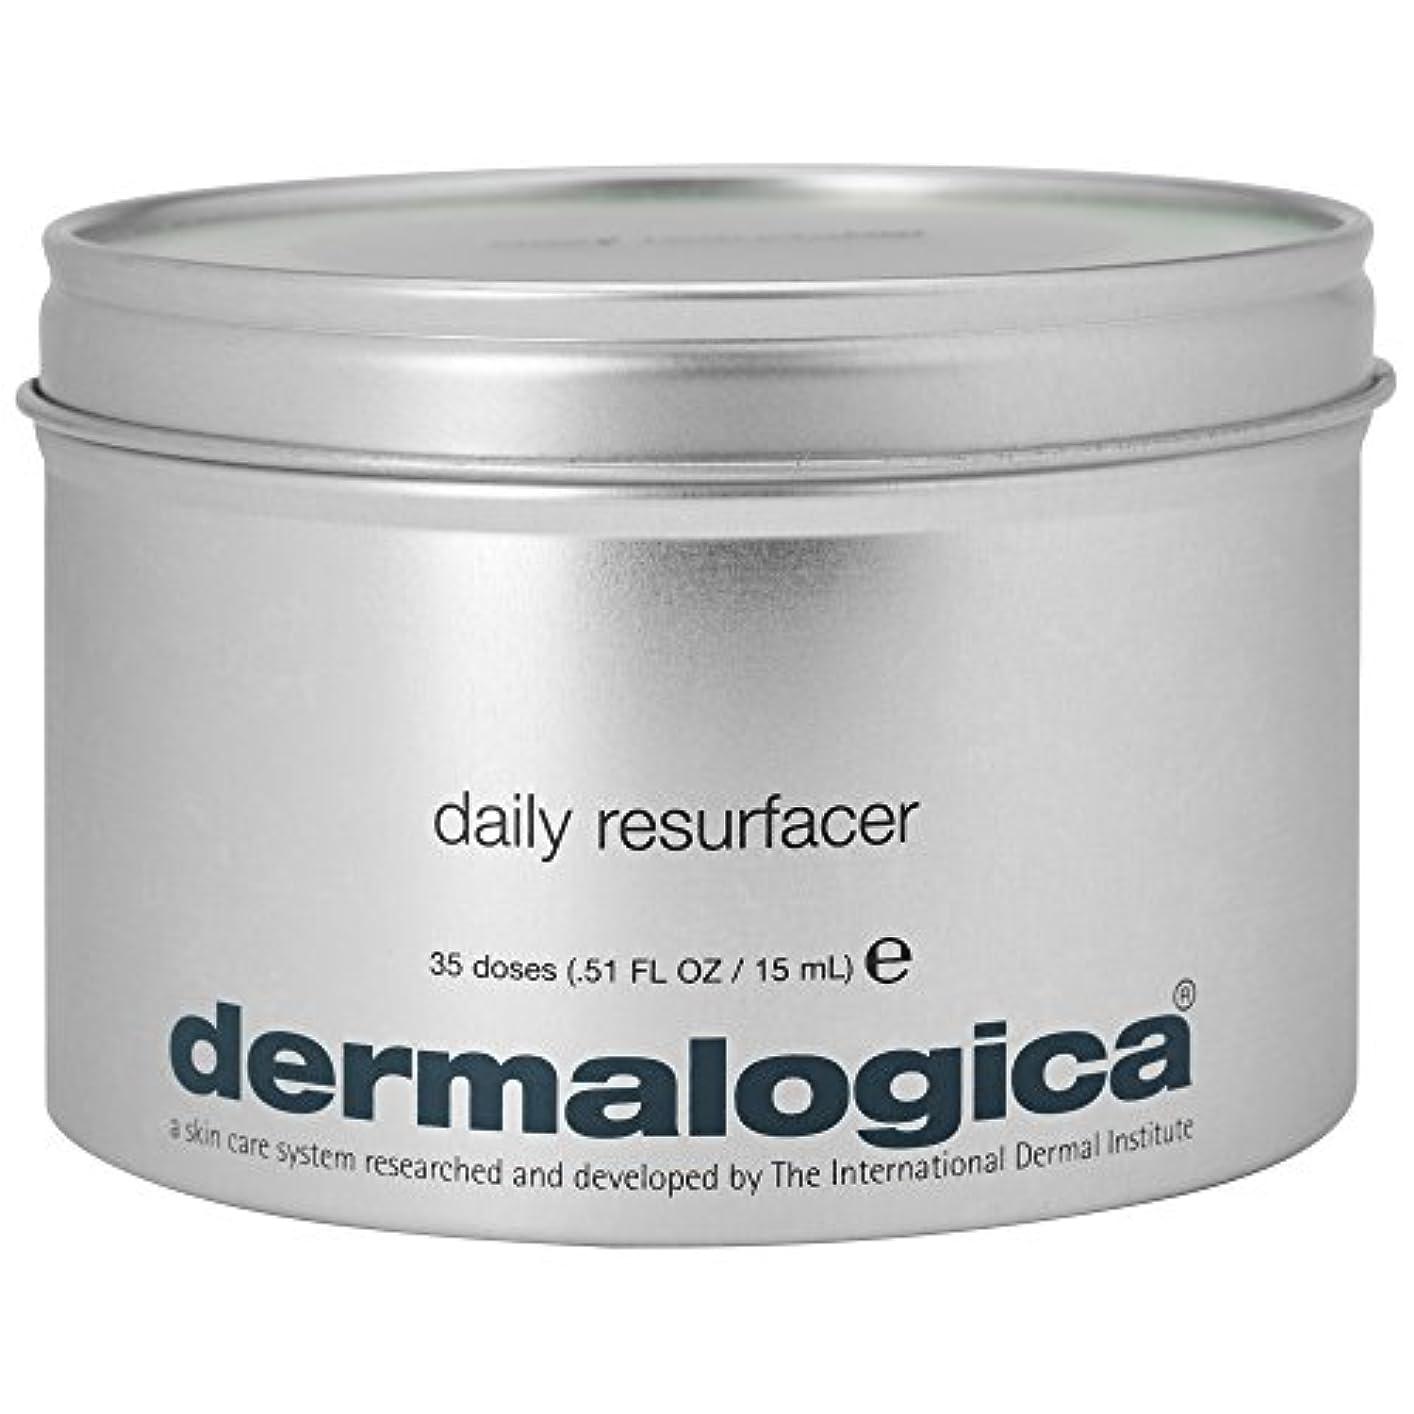 難破船原因理論35のダーマロジカ毎日Resurfacerパック (Dermalogica) (x6) - Dermalogica Daily Resurfacer Pack of 35 (Pack of 6) [並行輸入品]